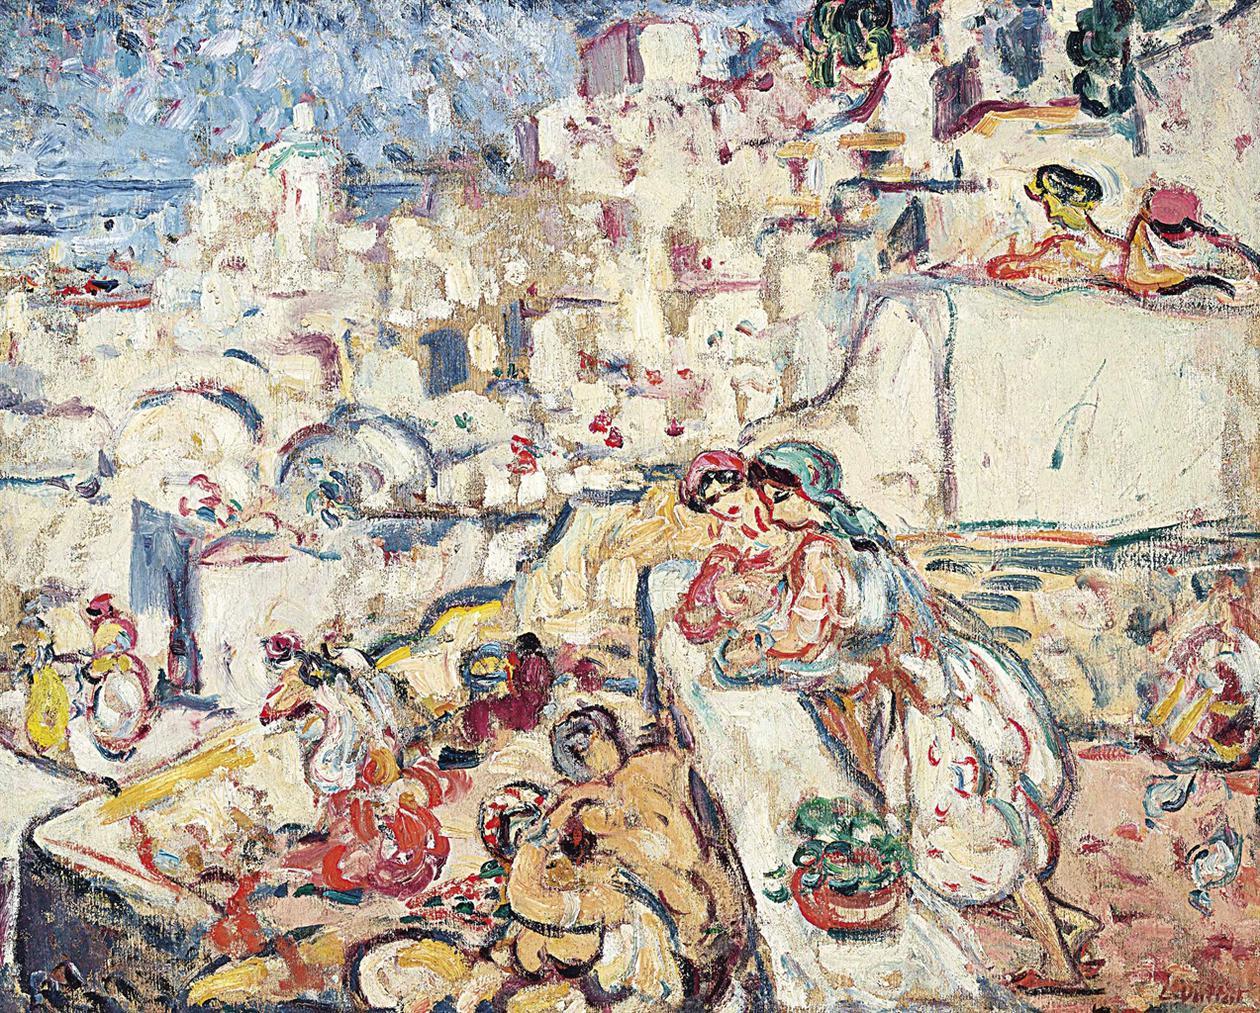 Louis Valtat-Alger, La Casbah-1906